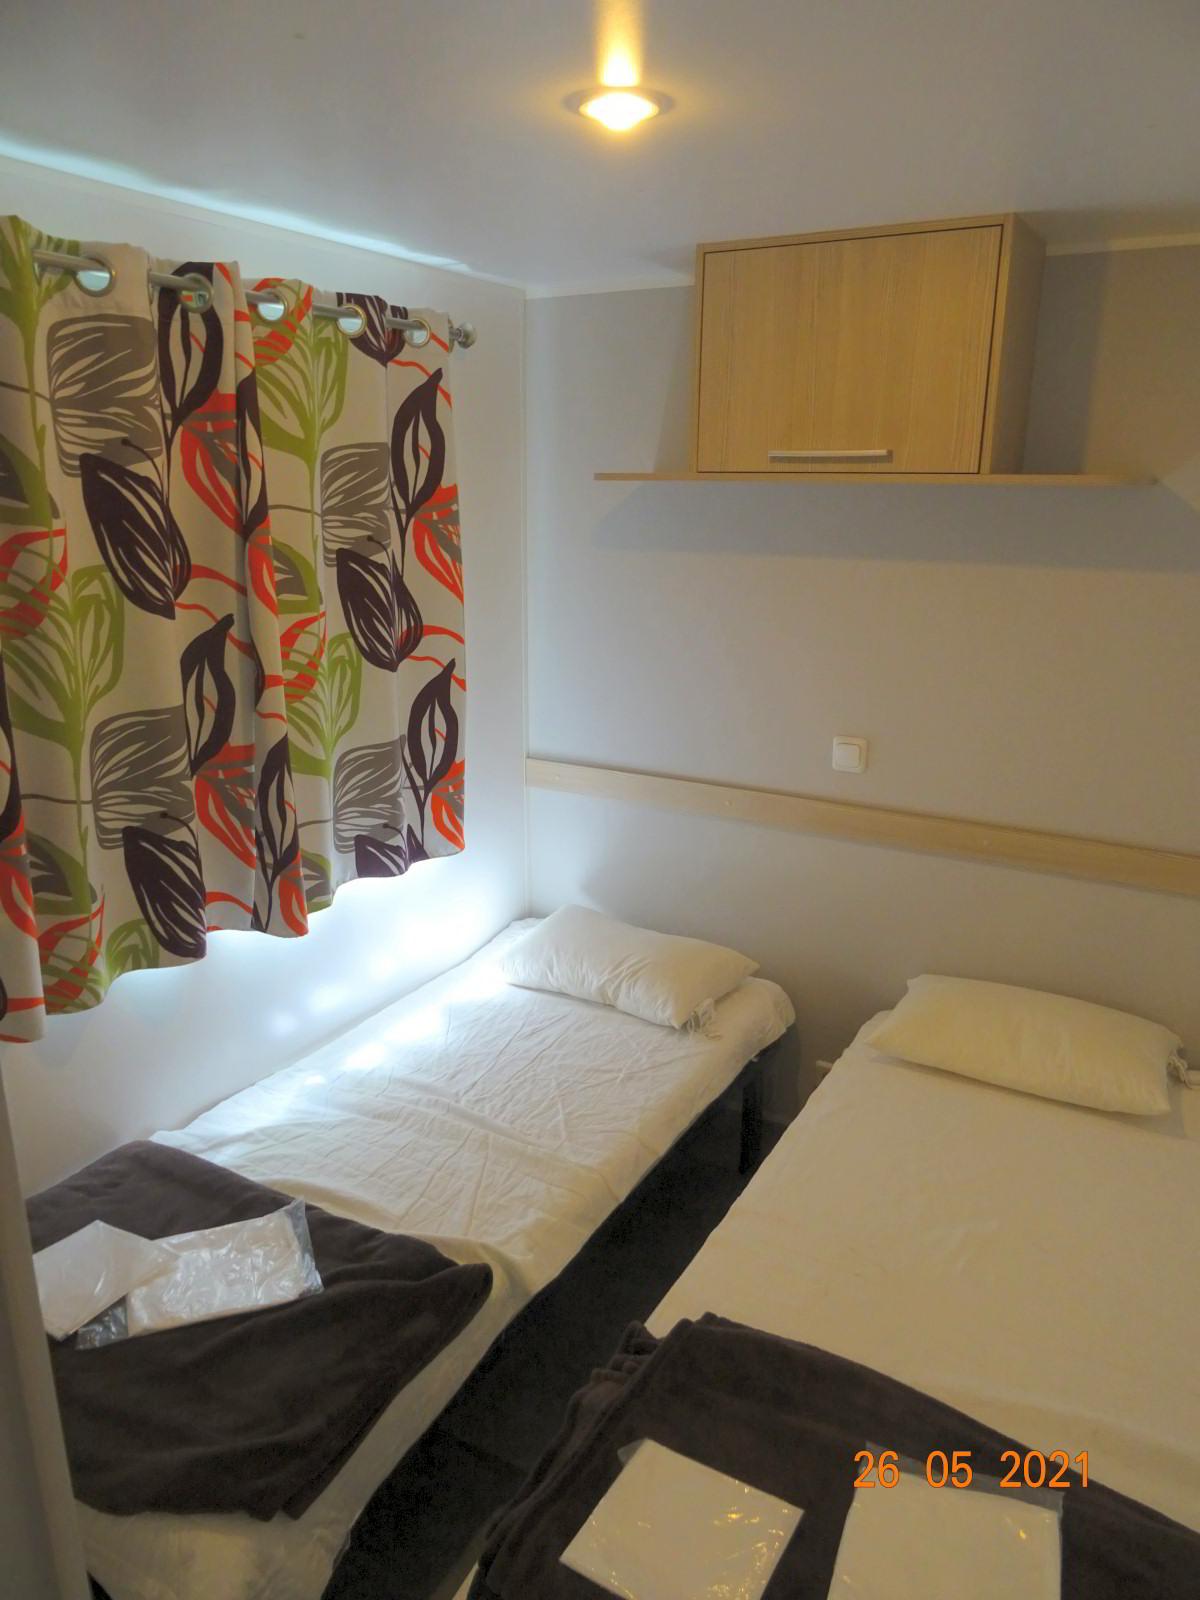 Mobilheim 3 Schlafzimmer, 6 Personen - Trigano